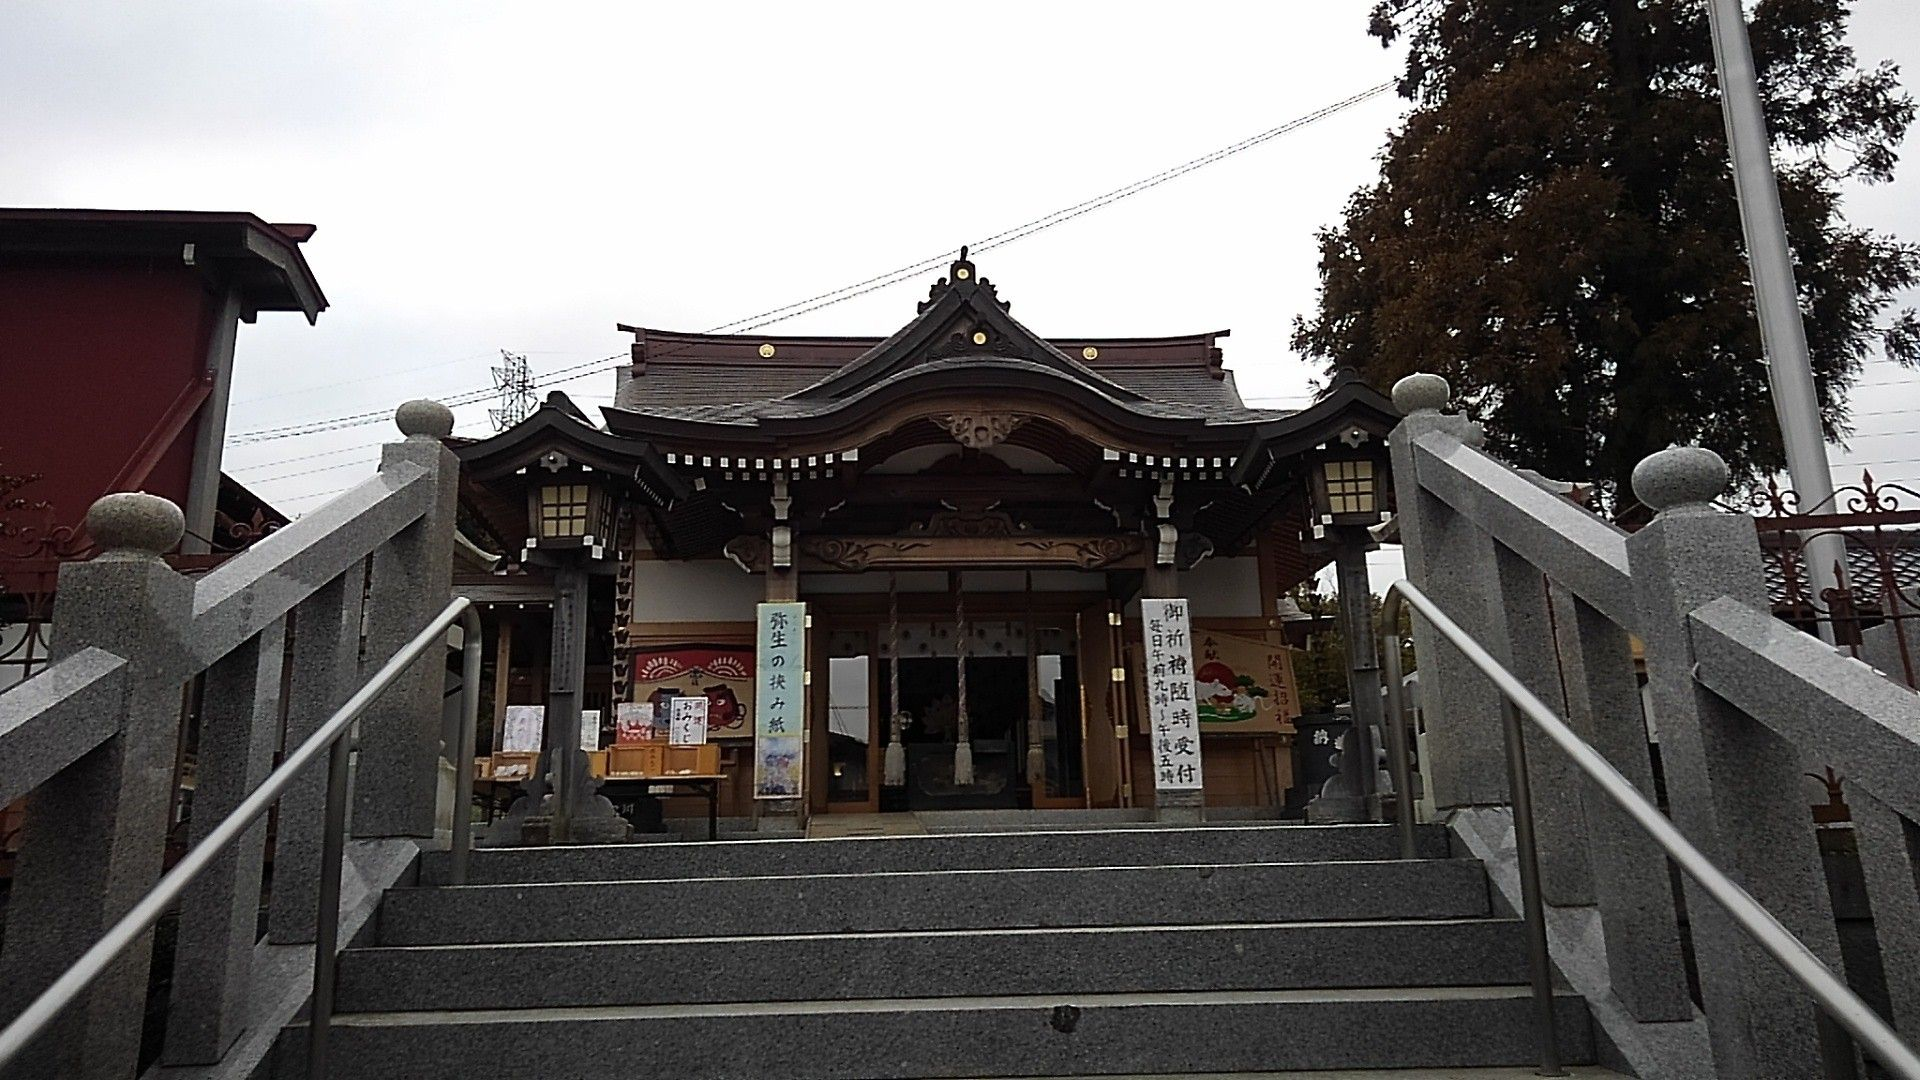 第 神社 天 武蔵 六